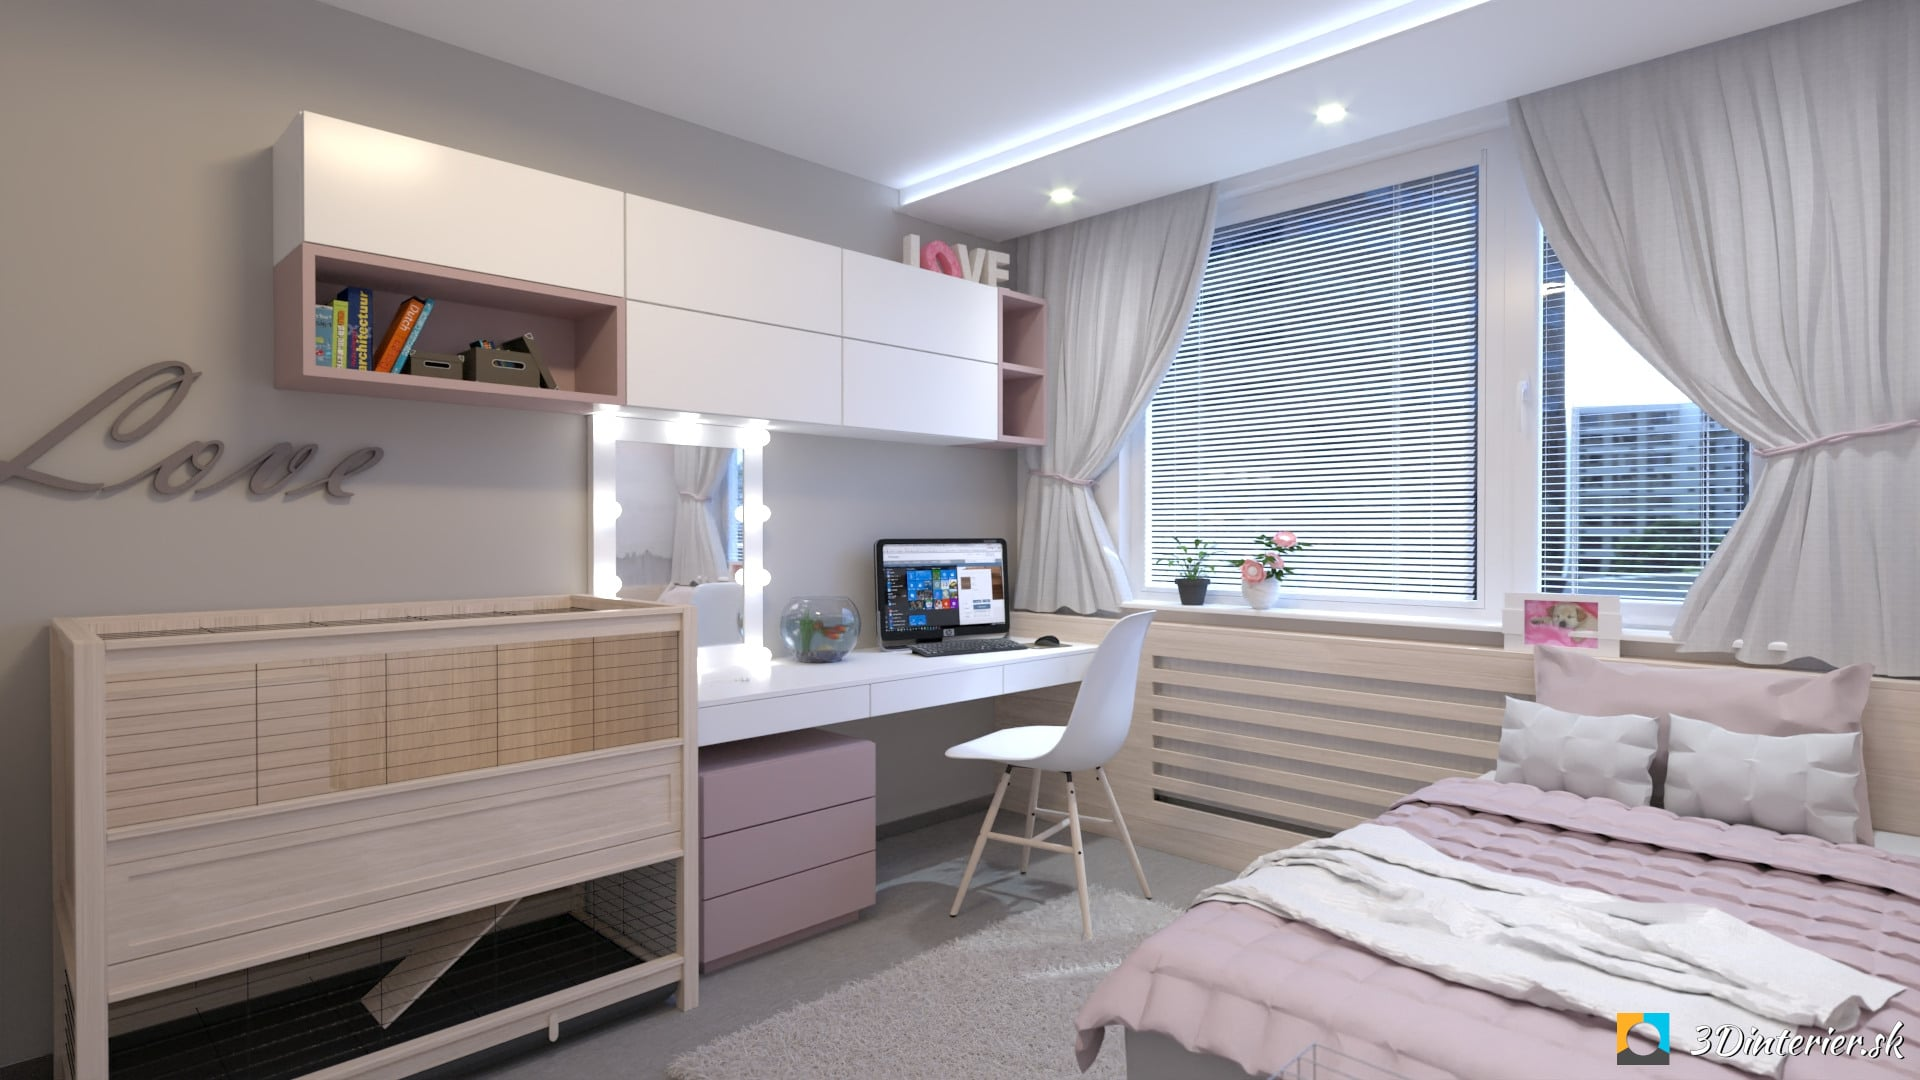 dievčenská detská izba návrh iteriéru